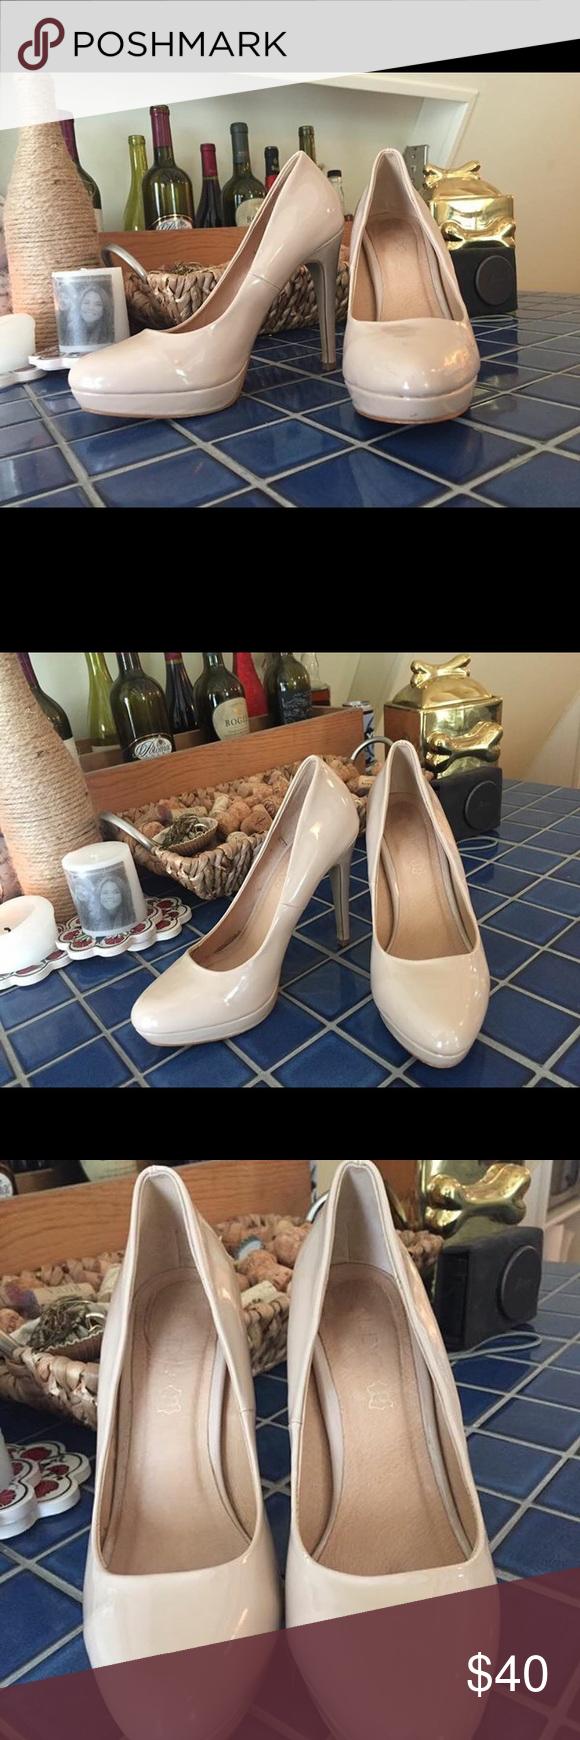 Also Nude Heels Nude heels, worn once, 6.5 Aldo Shoes Heels